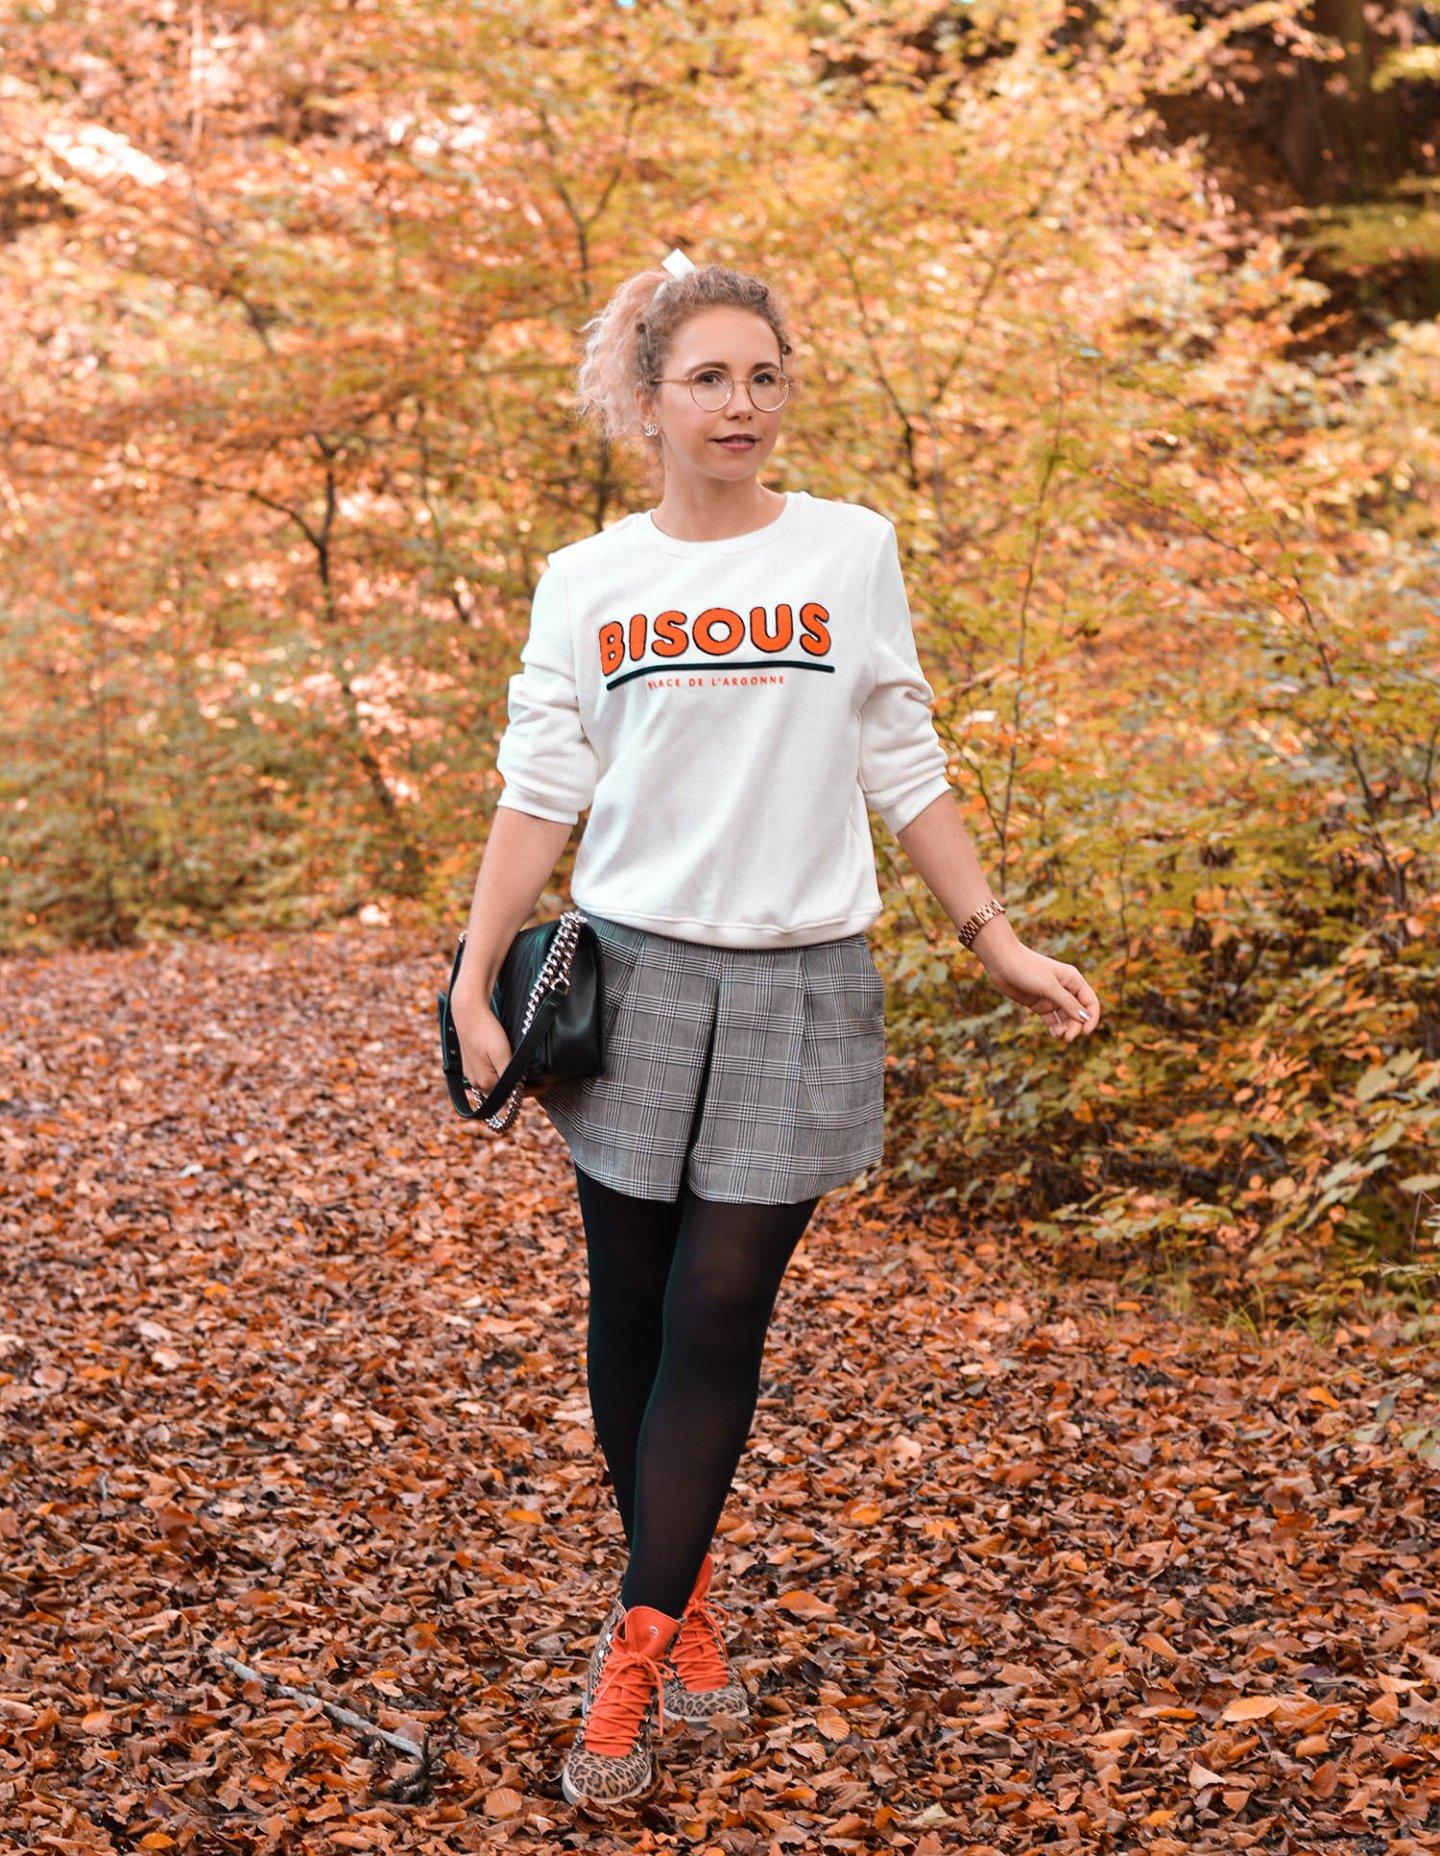 Statement Sweatshirt mit Bisous Print, Skorts, Chanel Boy Bag und Leo-Boots